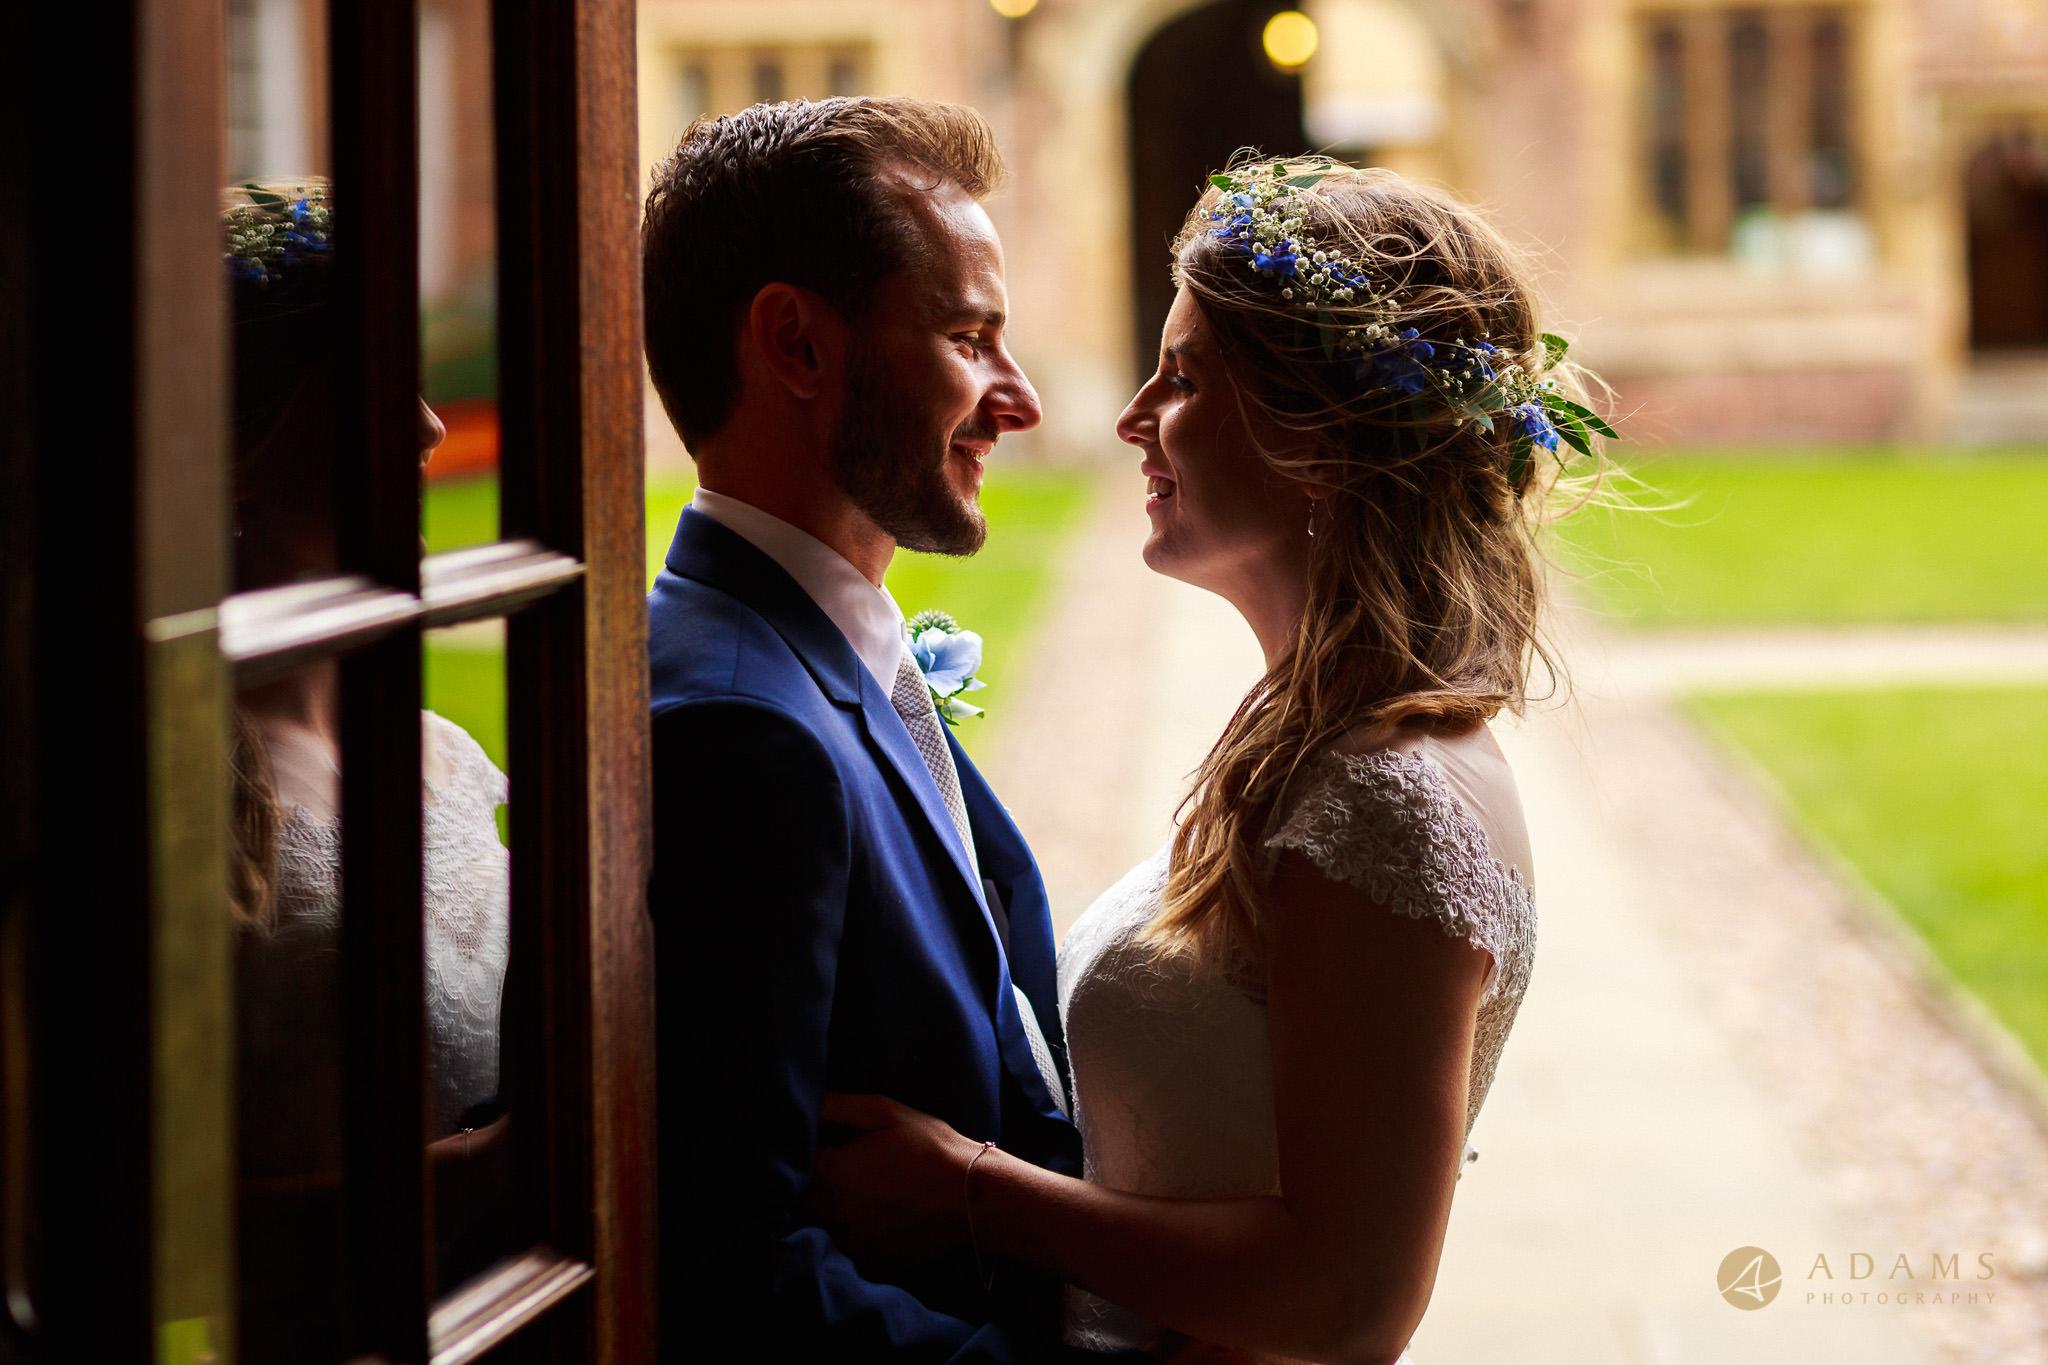 Cambridge Photographer couple portrait